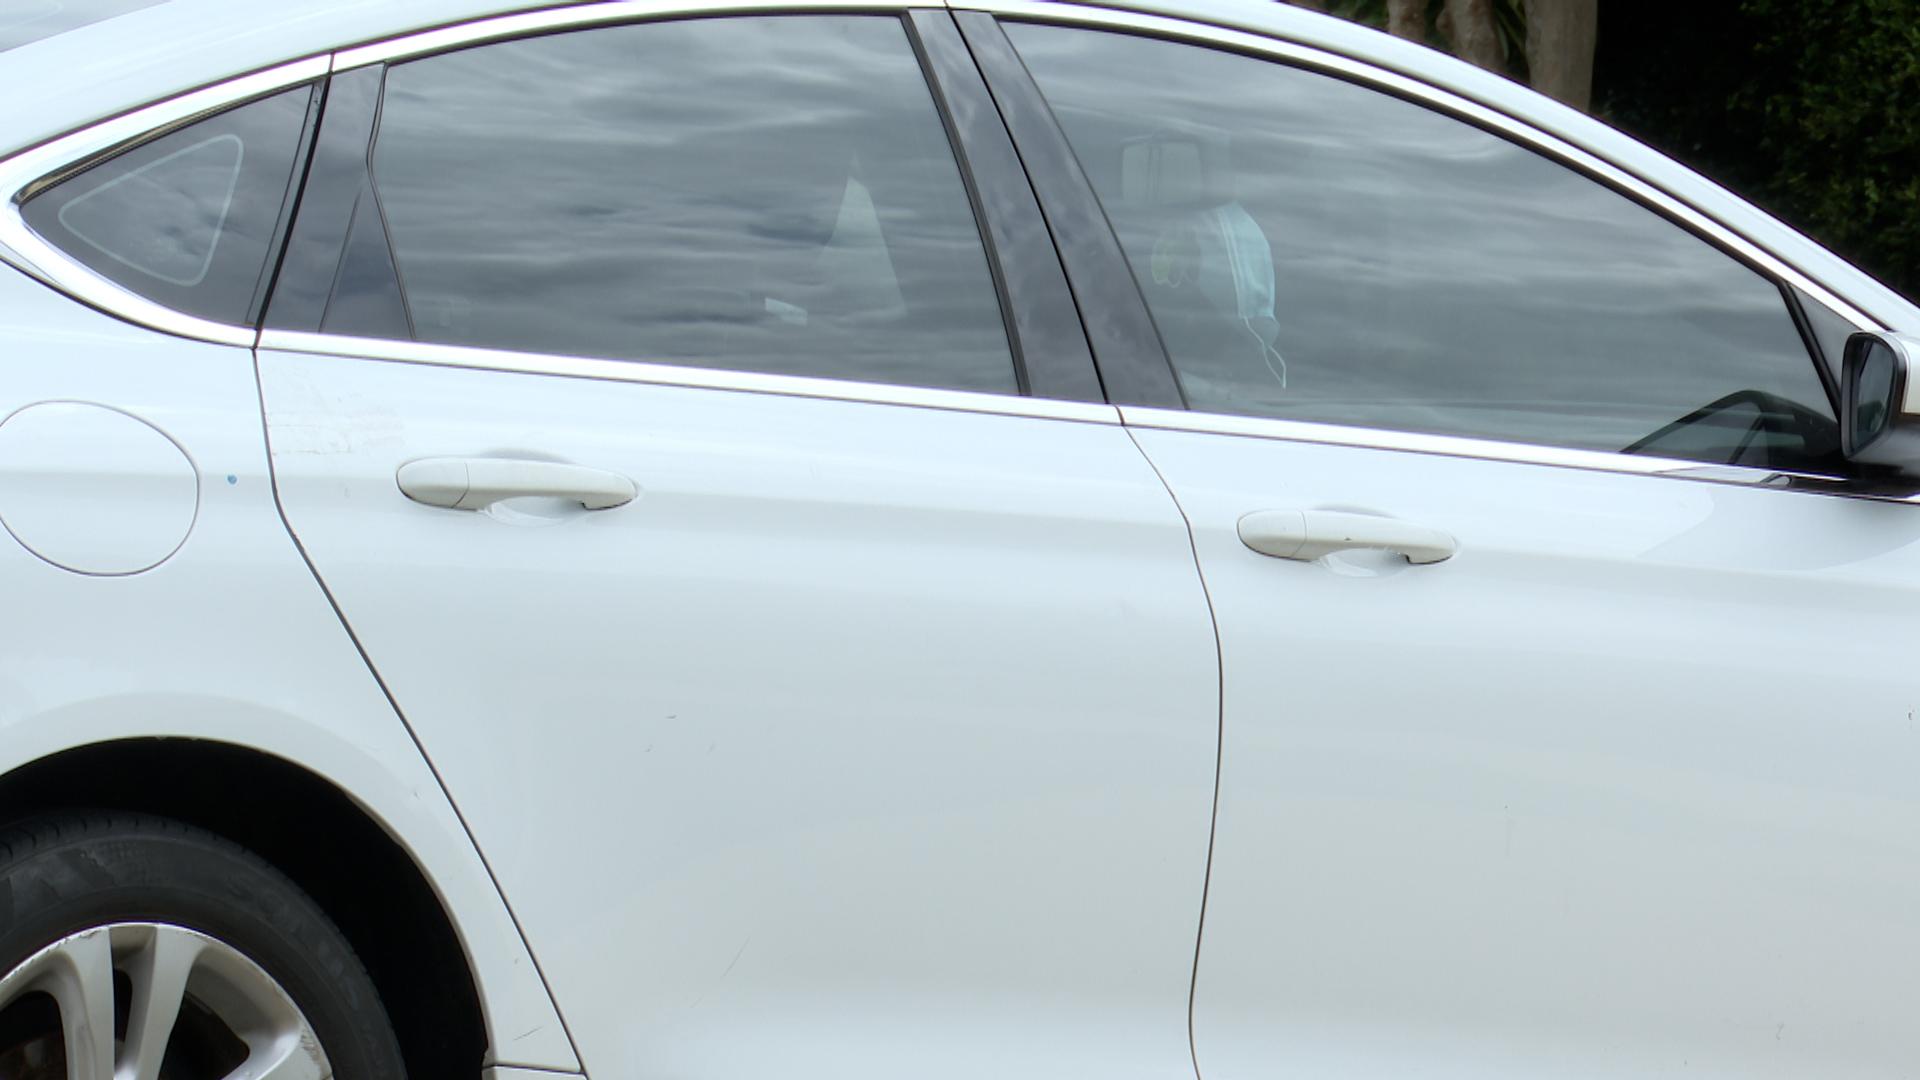 Car Break-ins rising in LaGrange